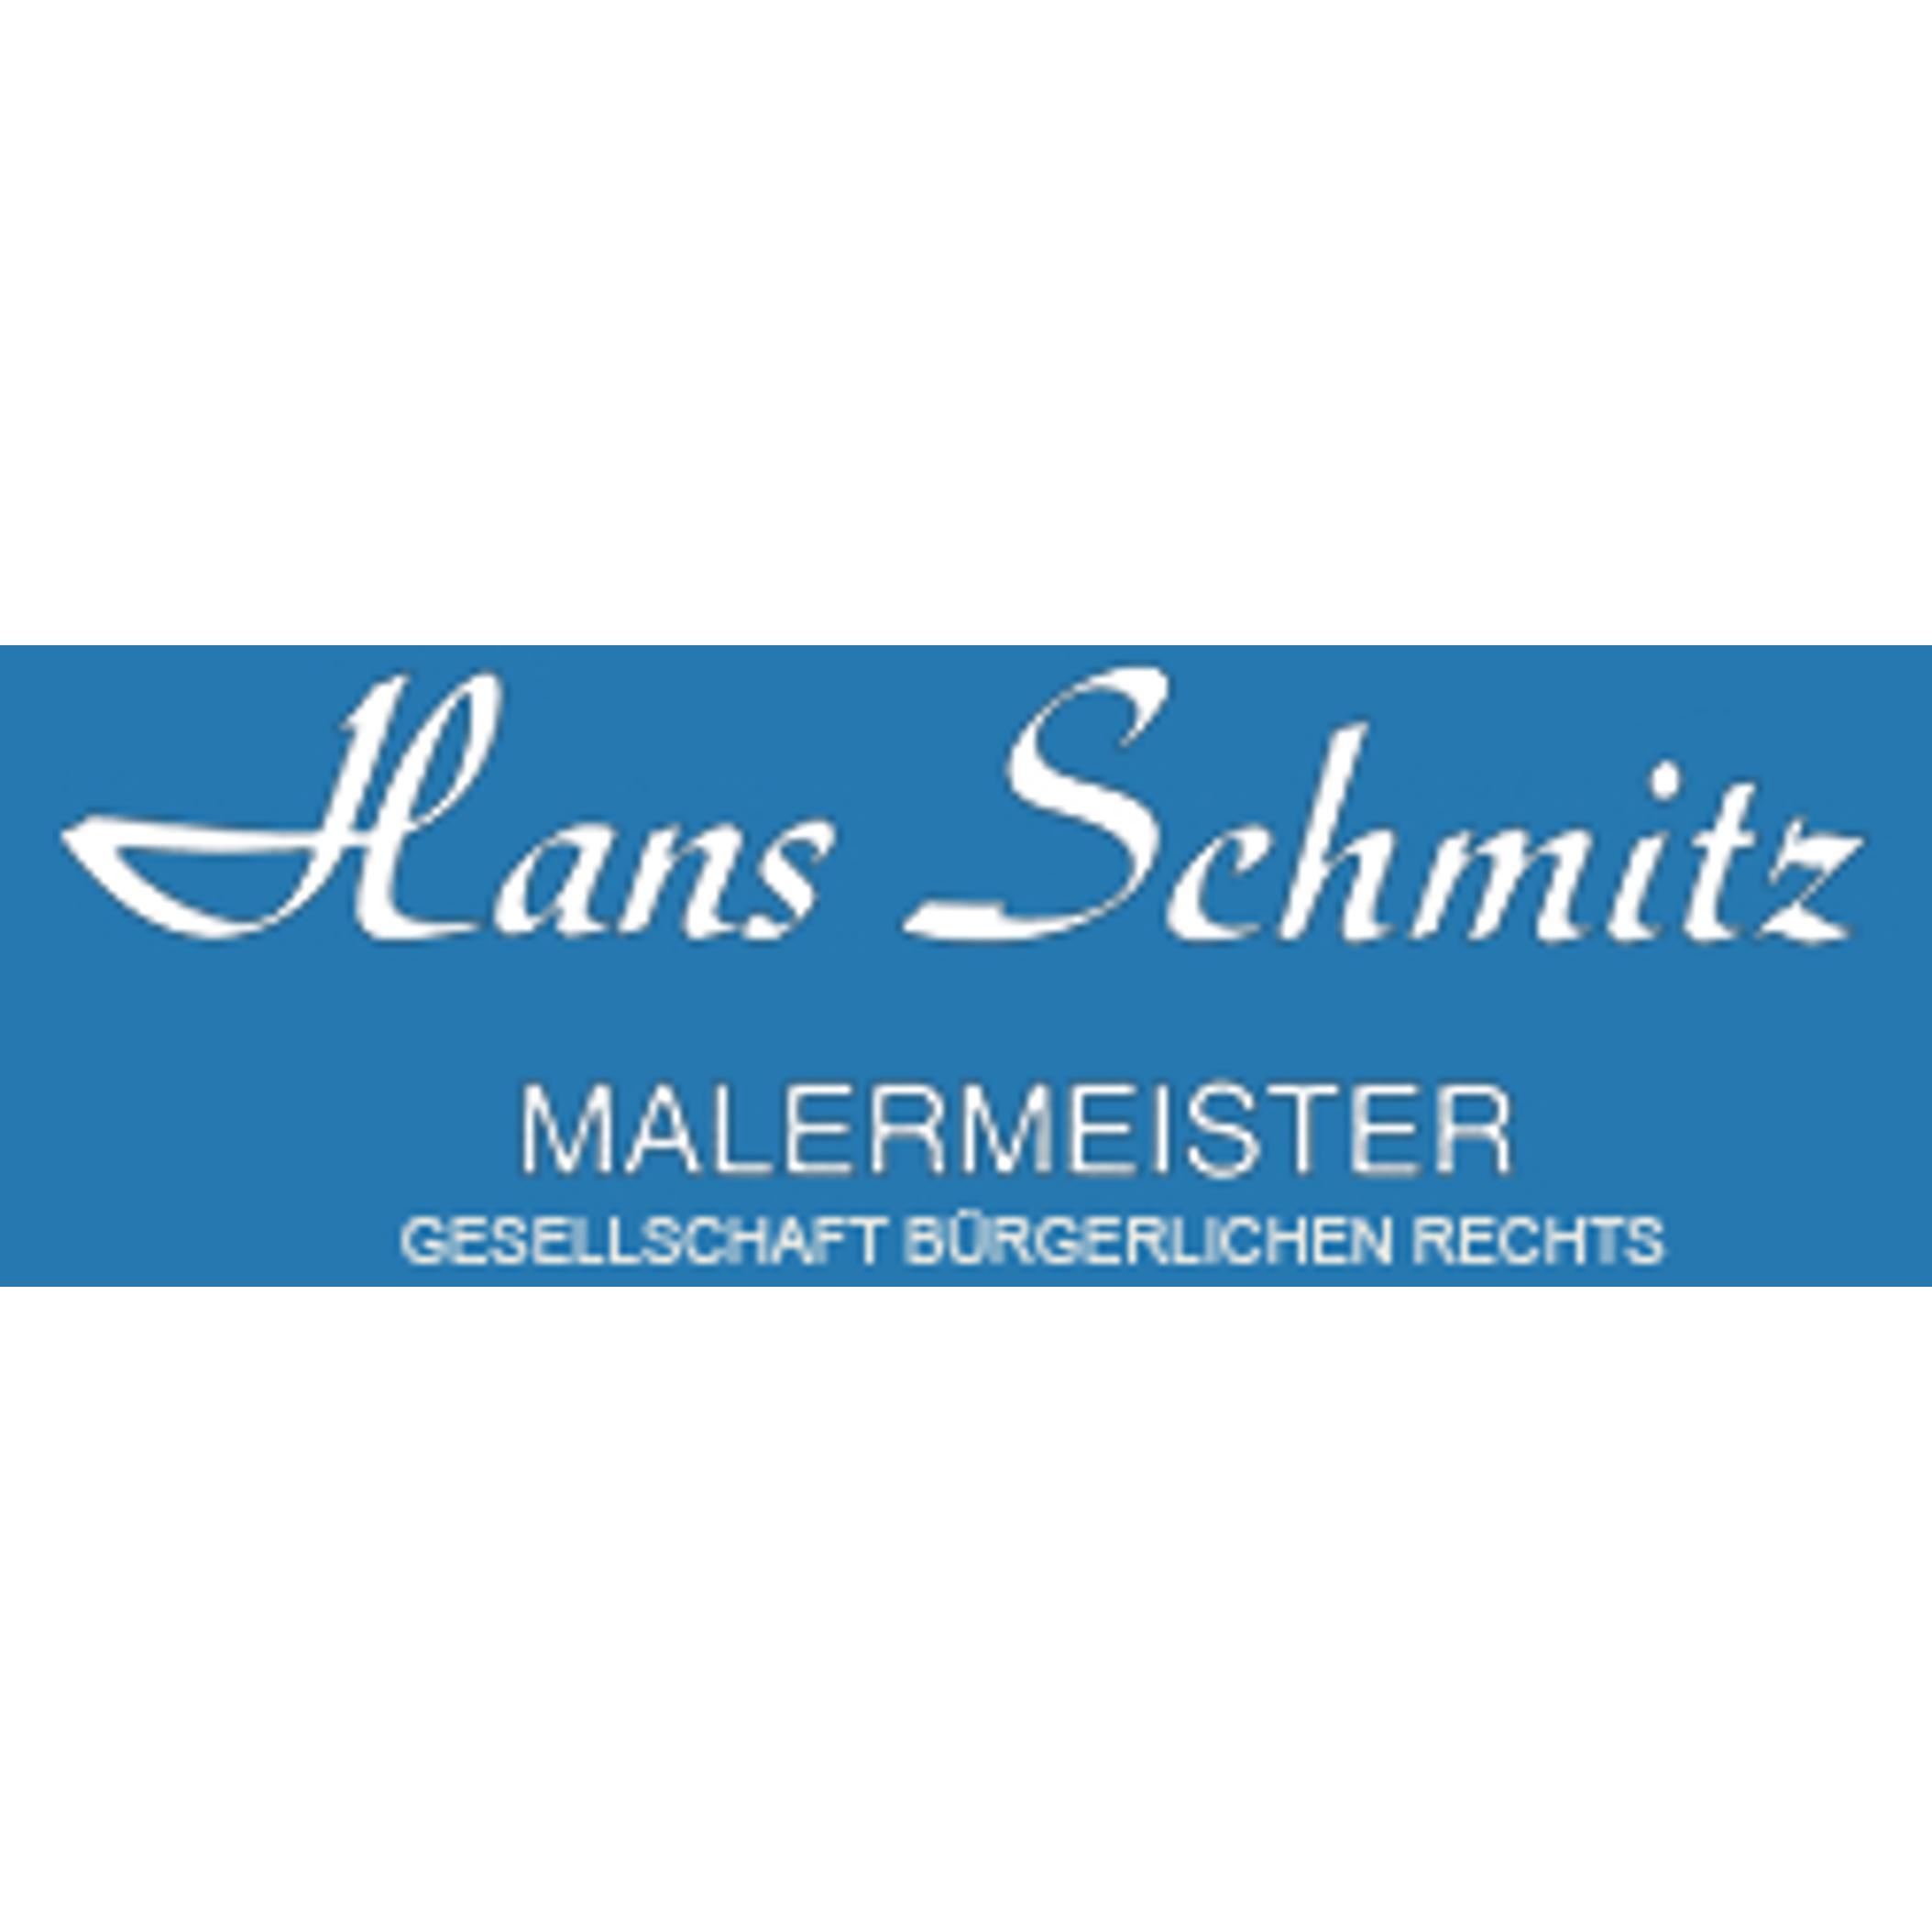 Bild zu Hans und Janina Schmitz Malermeister GbR in Bielefeld